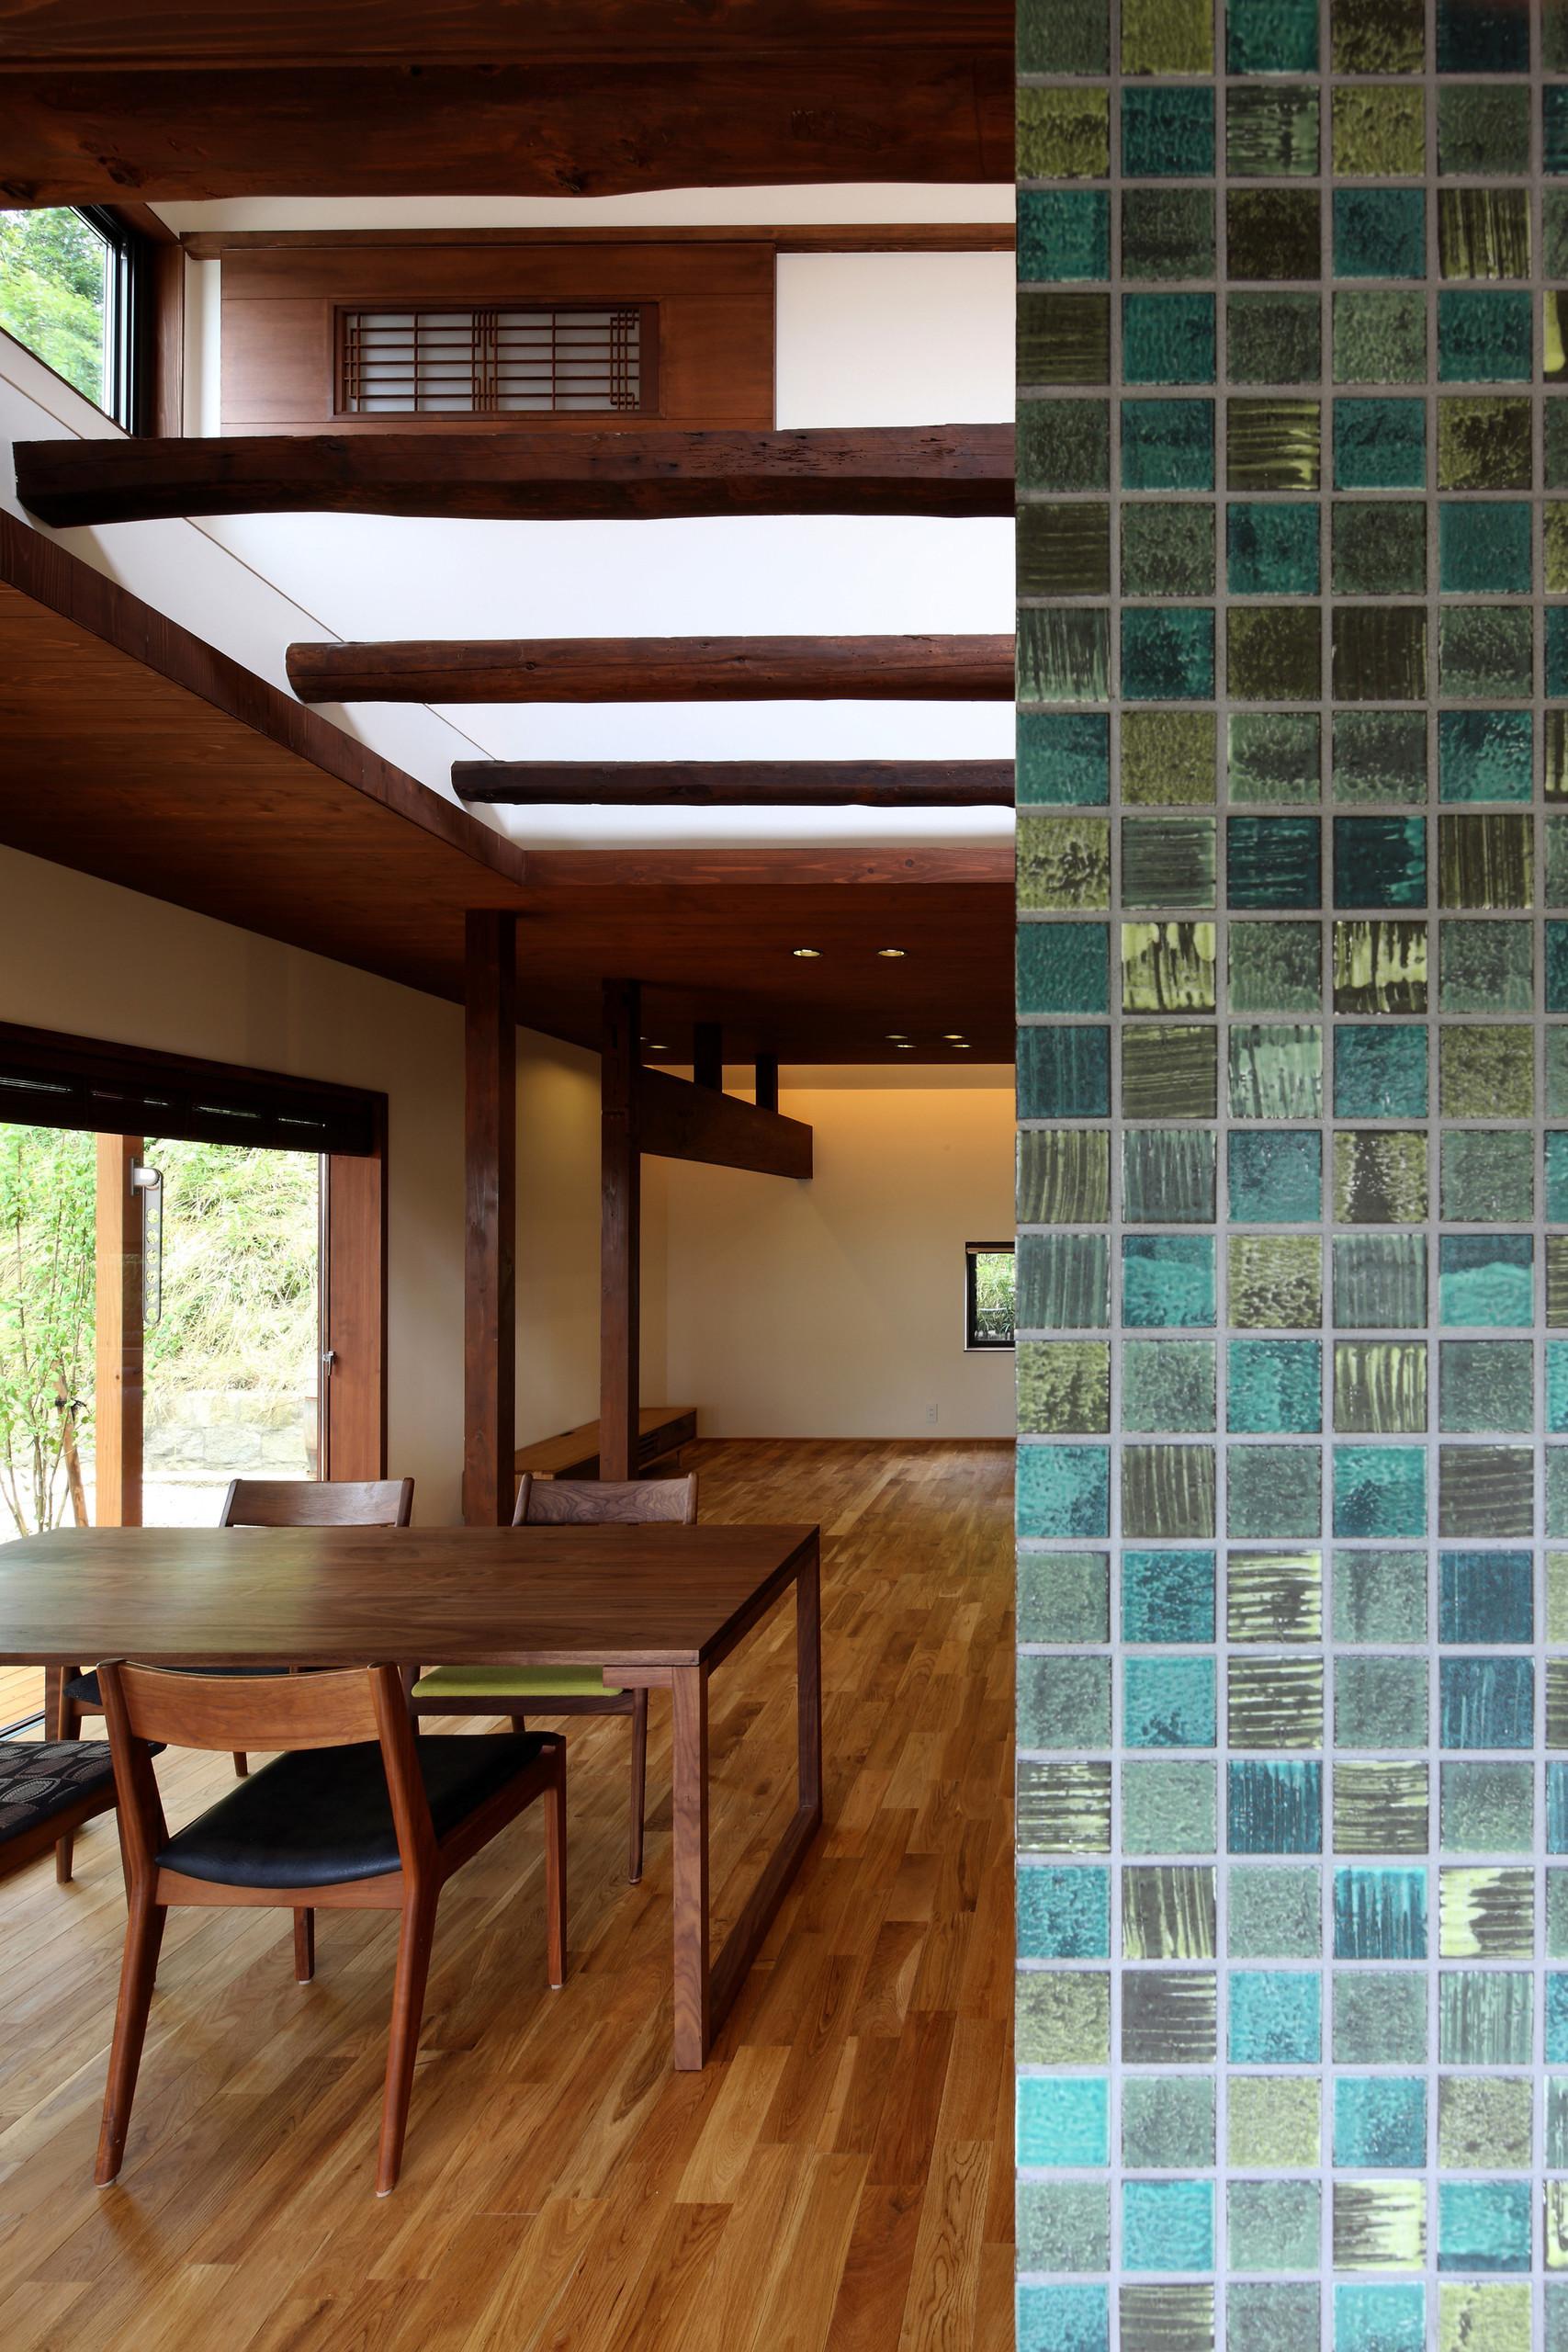 招の舎(古民家改修)-四季折々の自然を招く-の建築事例写真